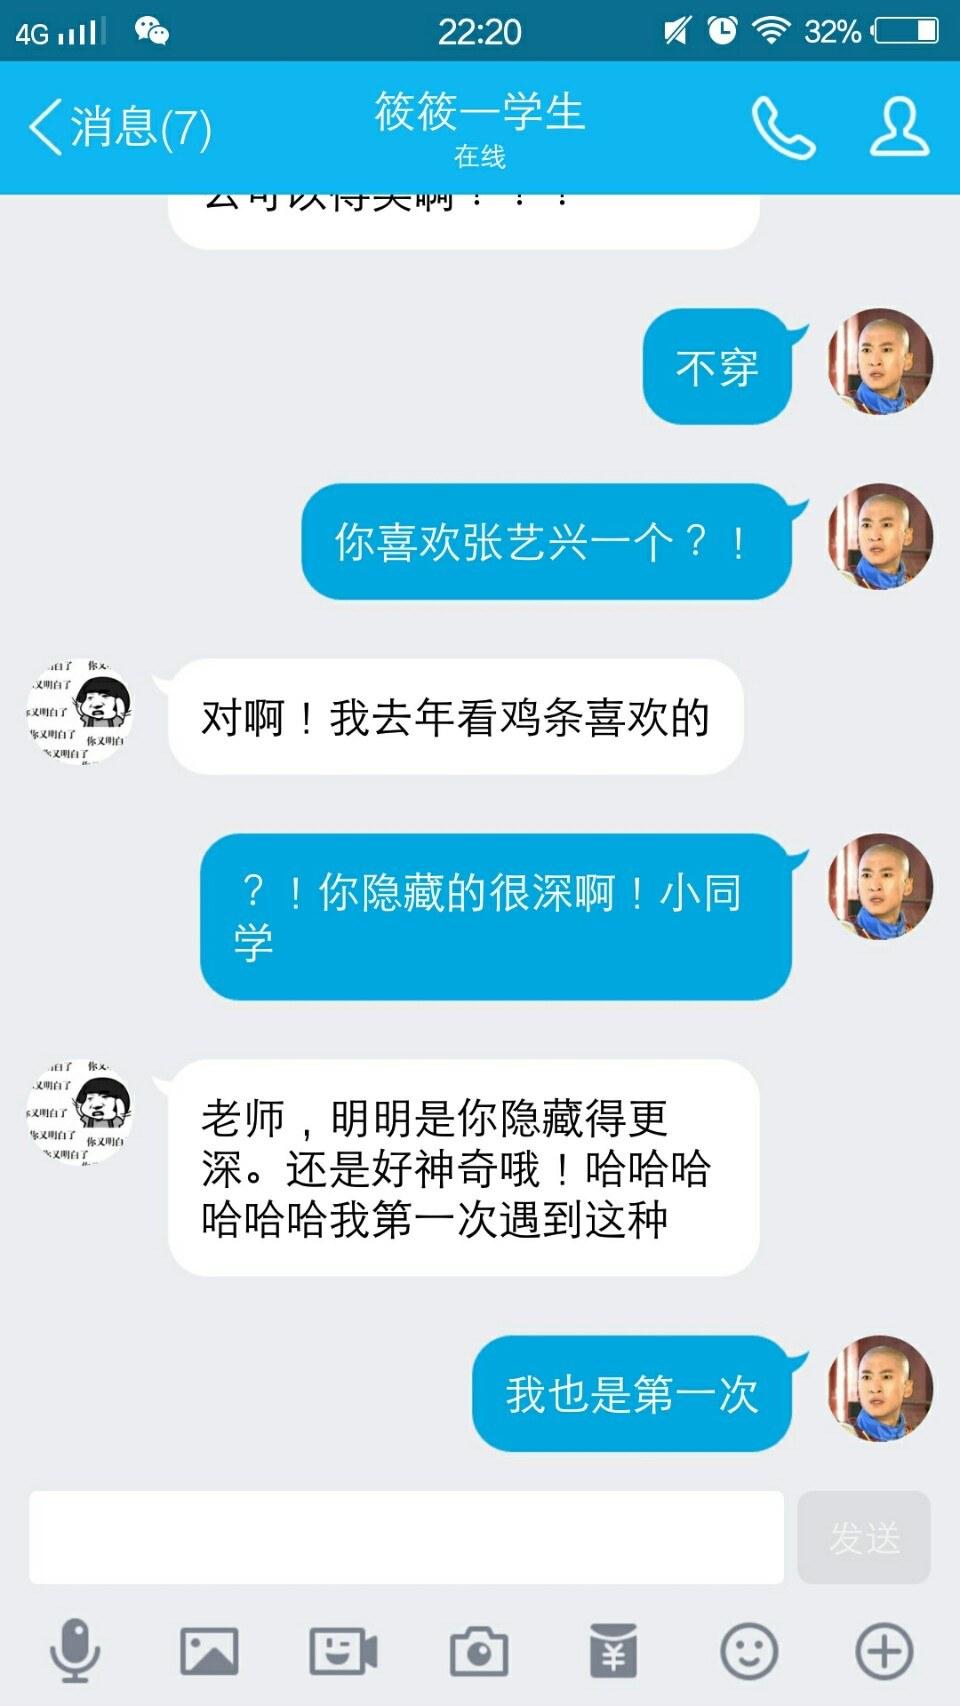 Zhang-Yixing